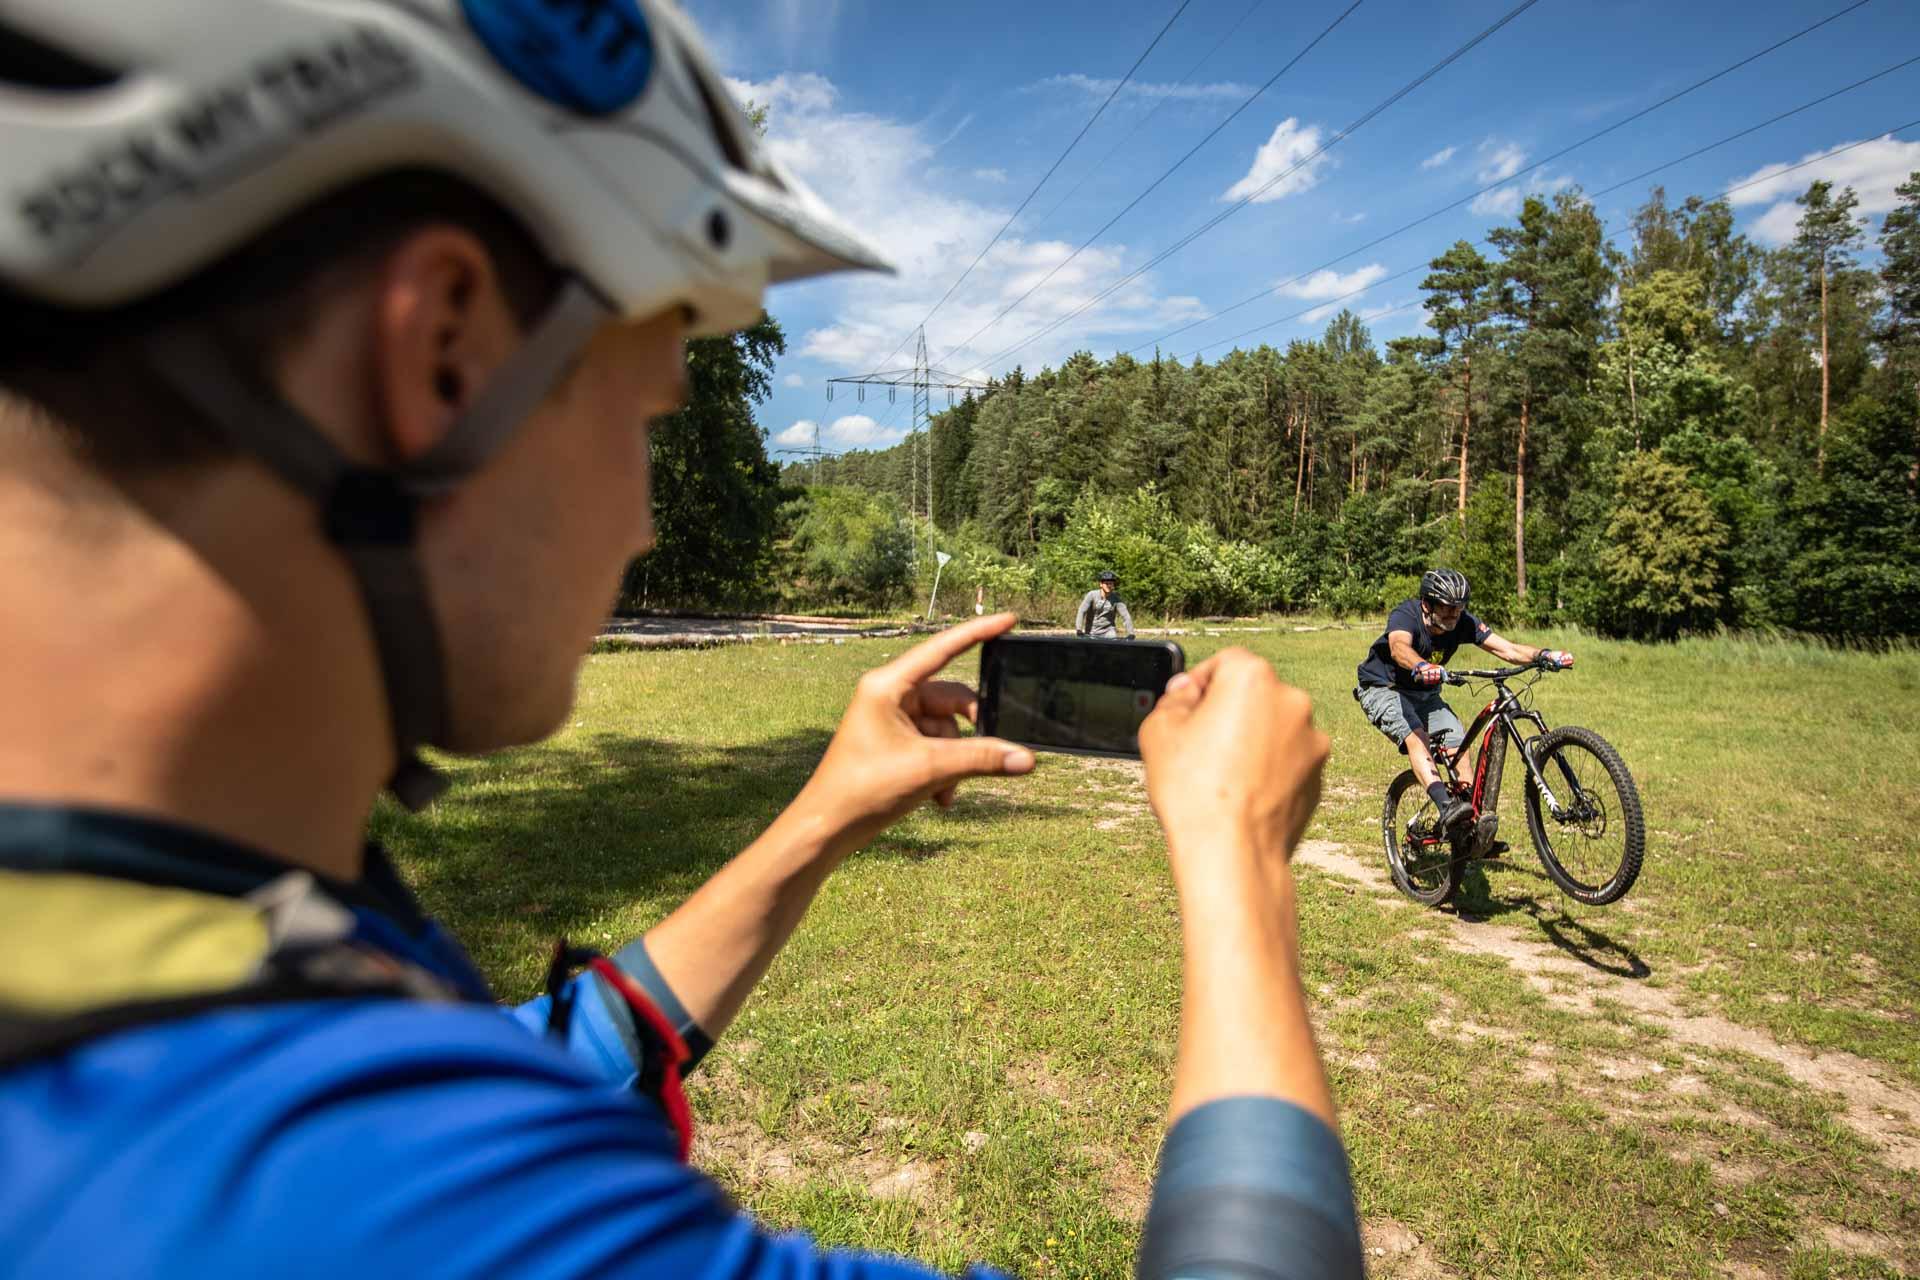 eMTB Fortgeschritten Fahrtechnik Kurs in Bad Orb Spessart - Rock my Trail Bikeschule - 16